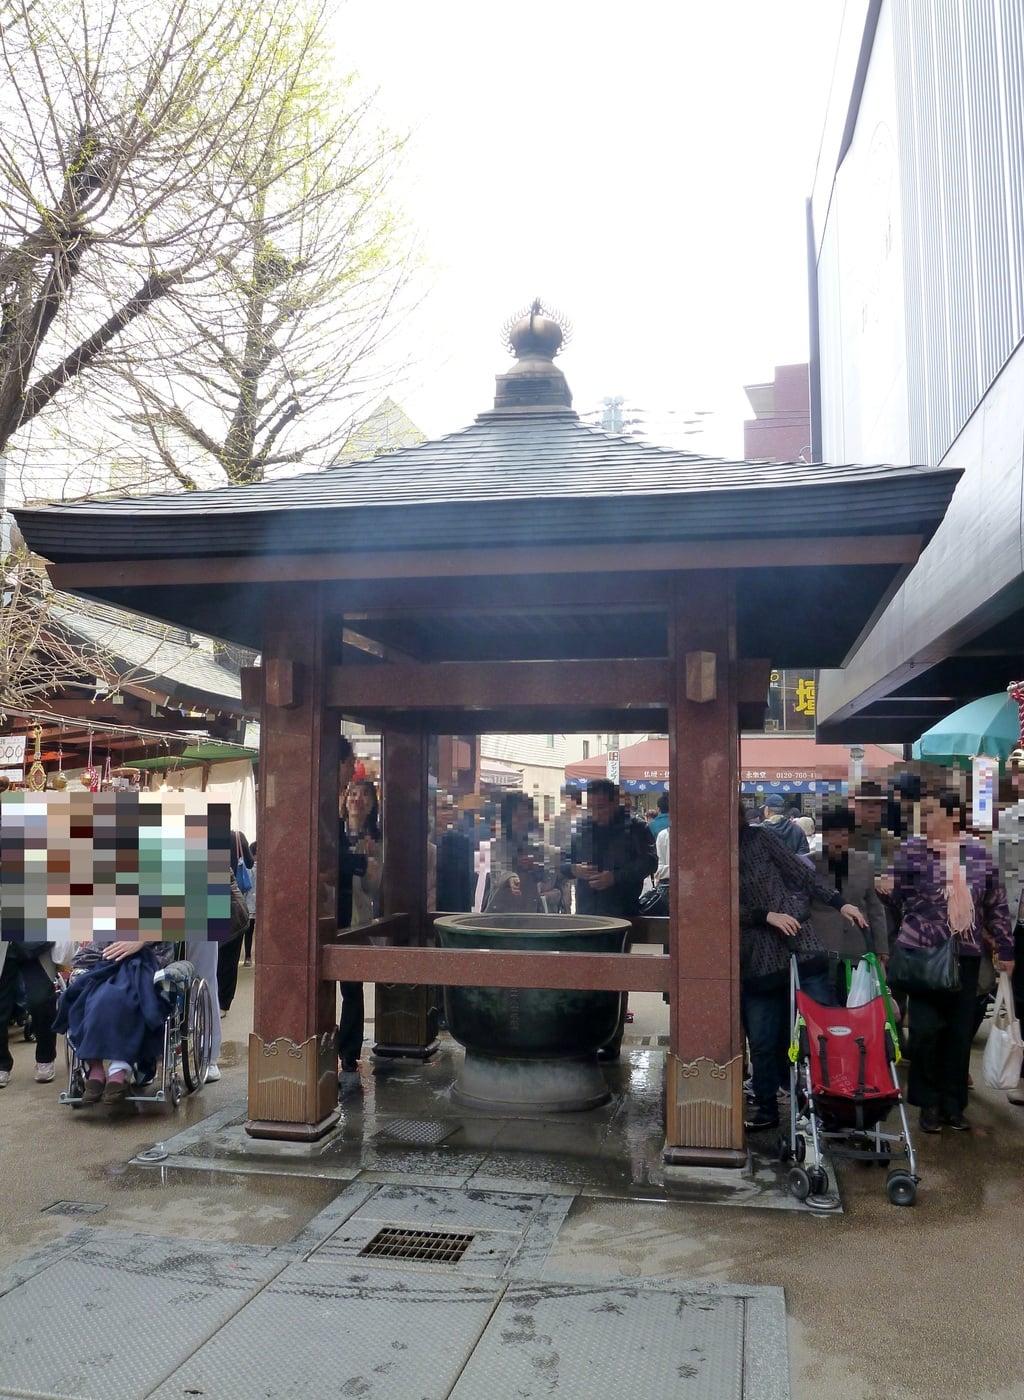 とげぬき地蔵尊 高岩寺のその他建物(東京都巣鴨駅)